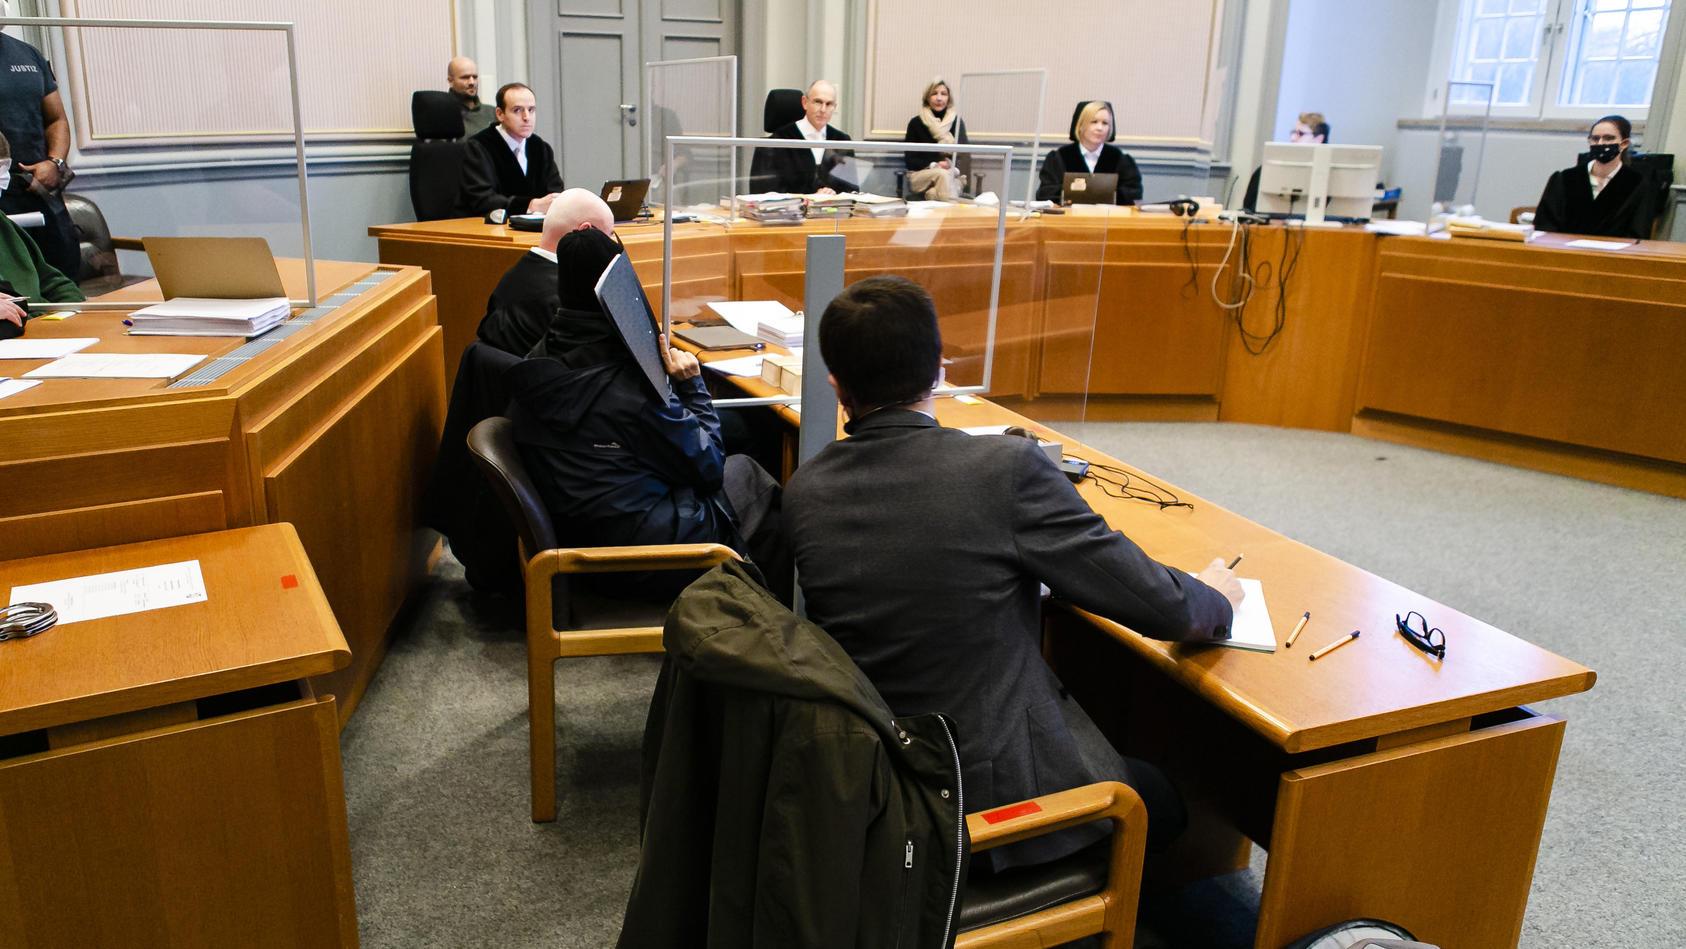 Prozess wegen Betrugs in Kiel